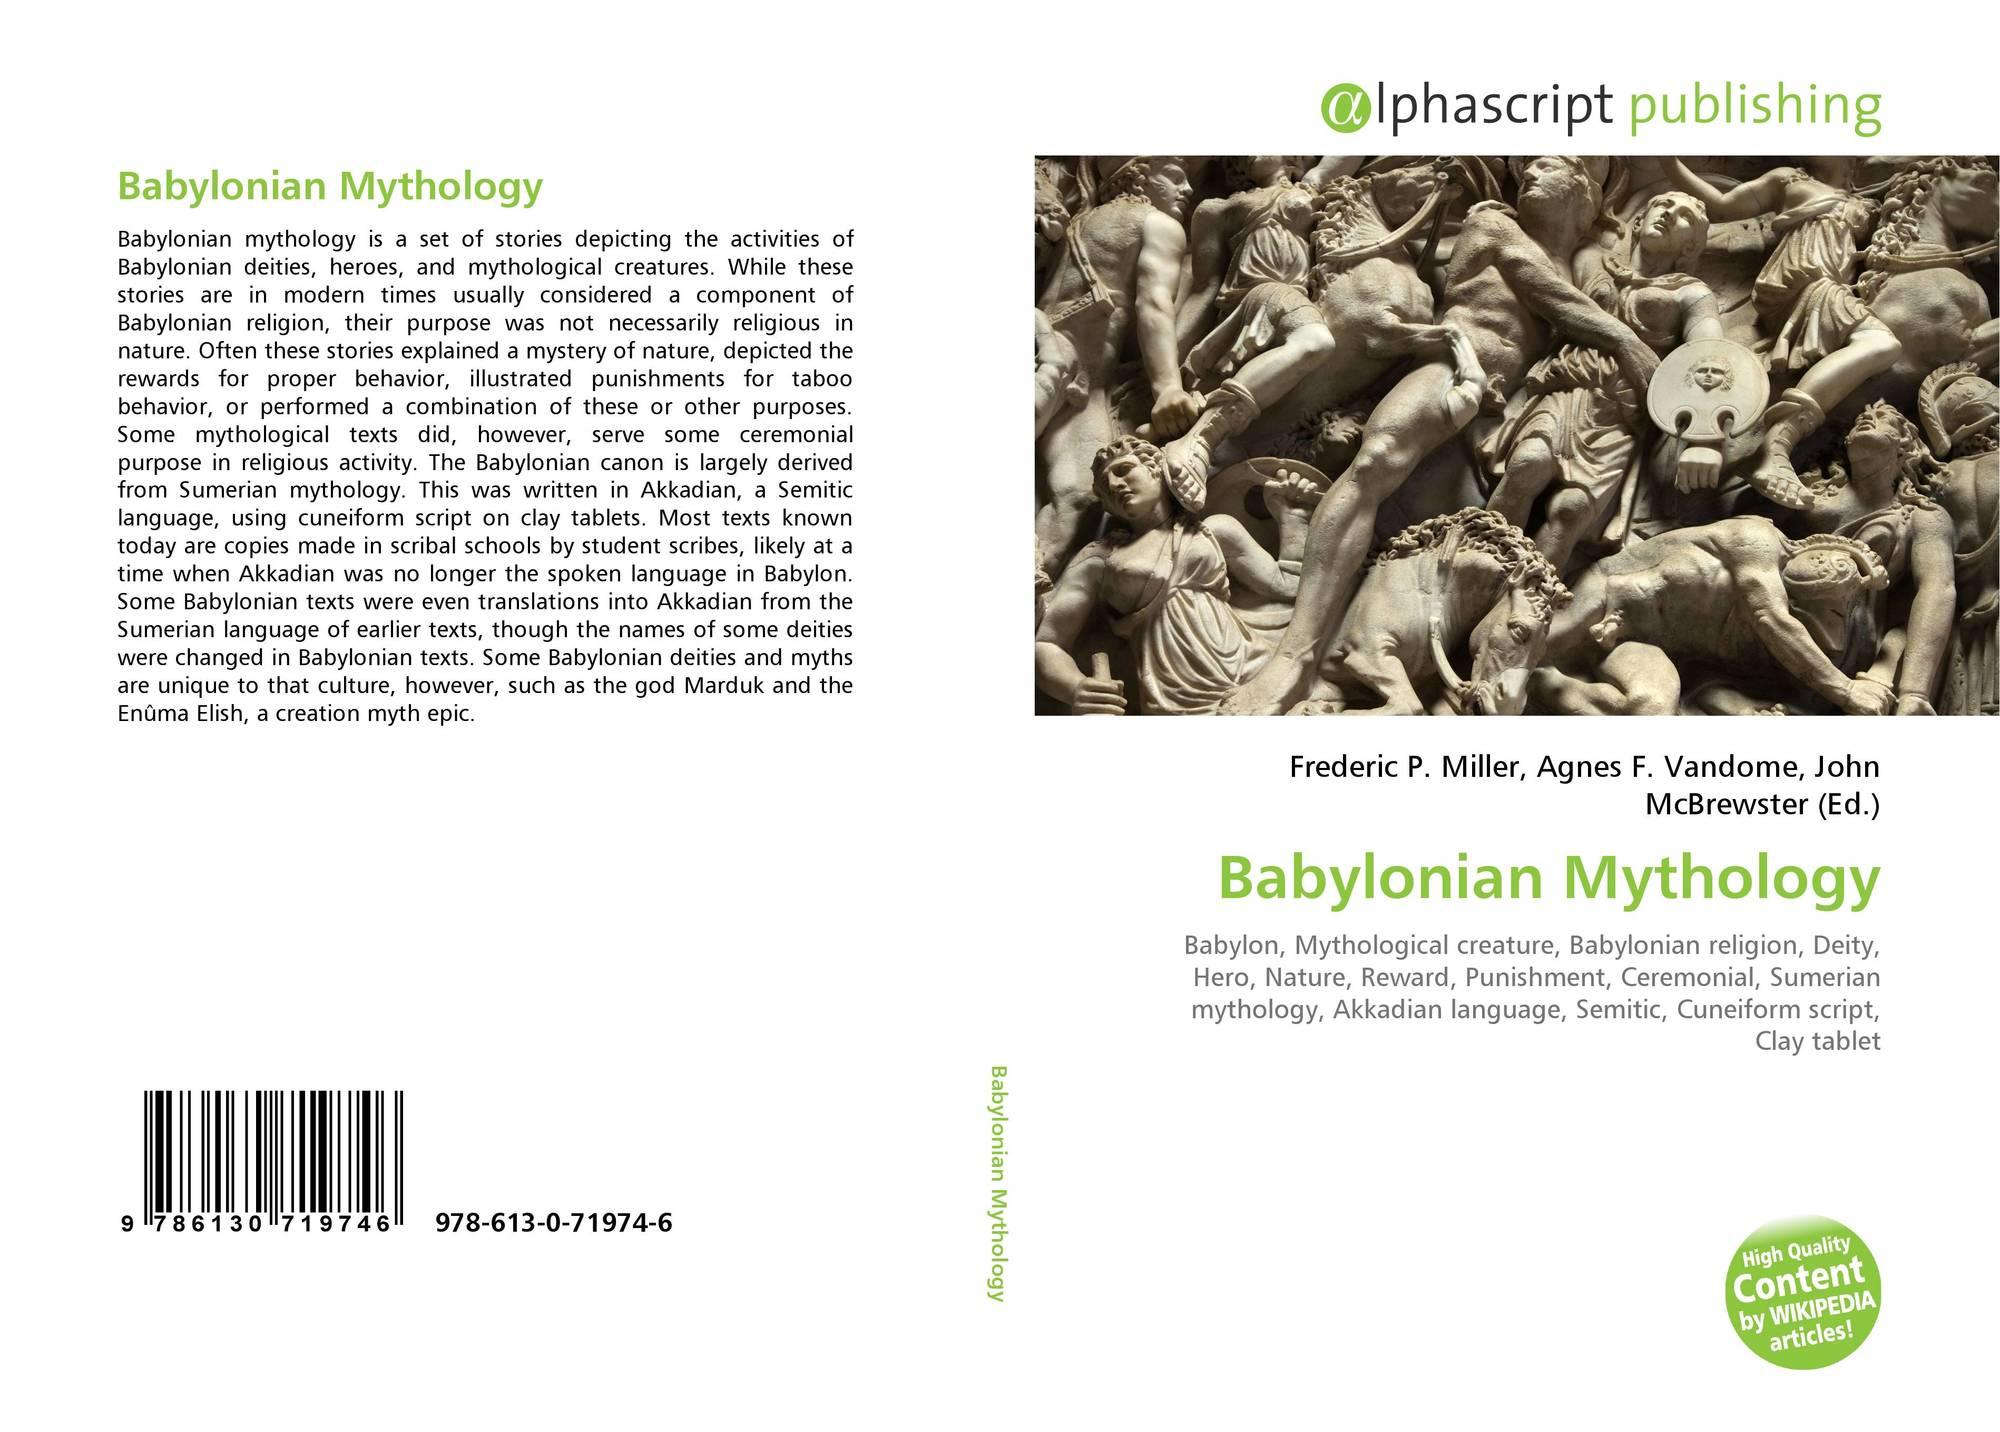 Babylonian Mythology, 978-613-0-71974-6, 6130719744